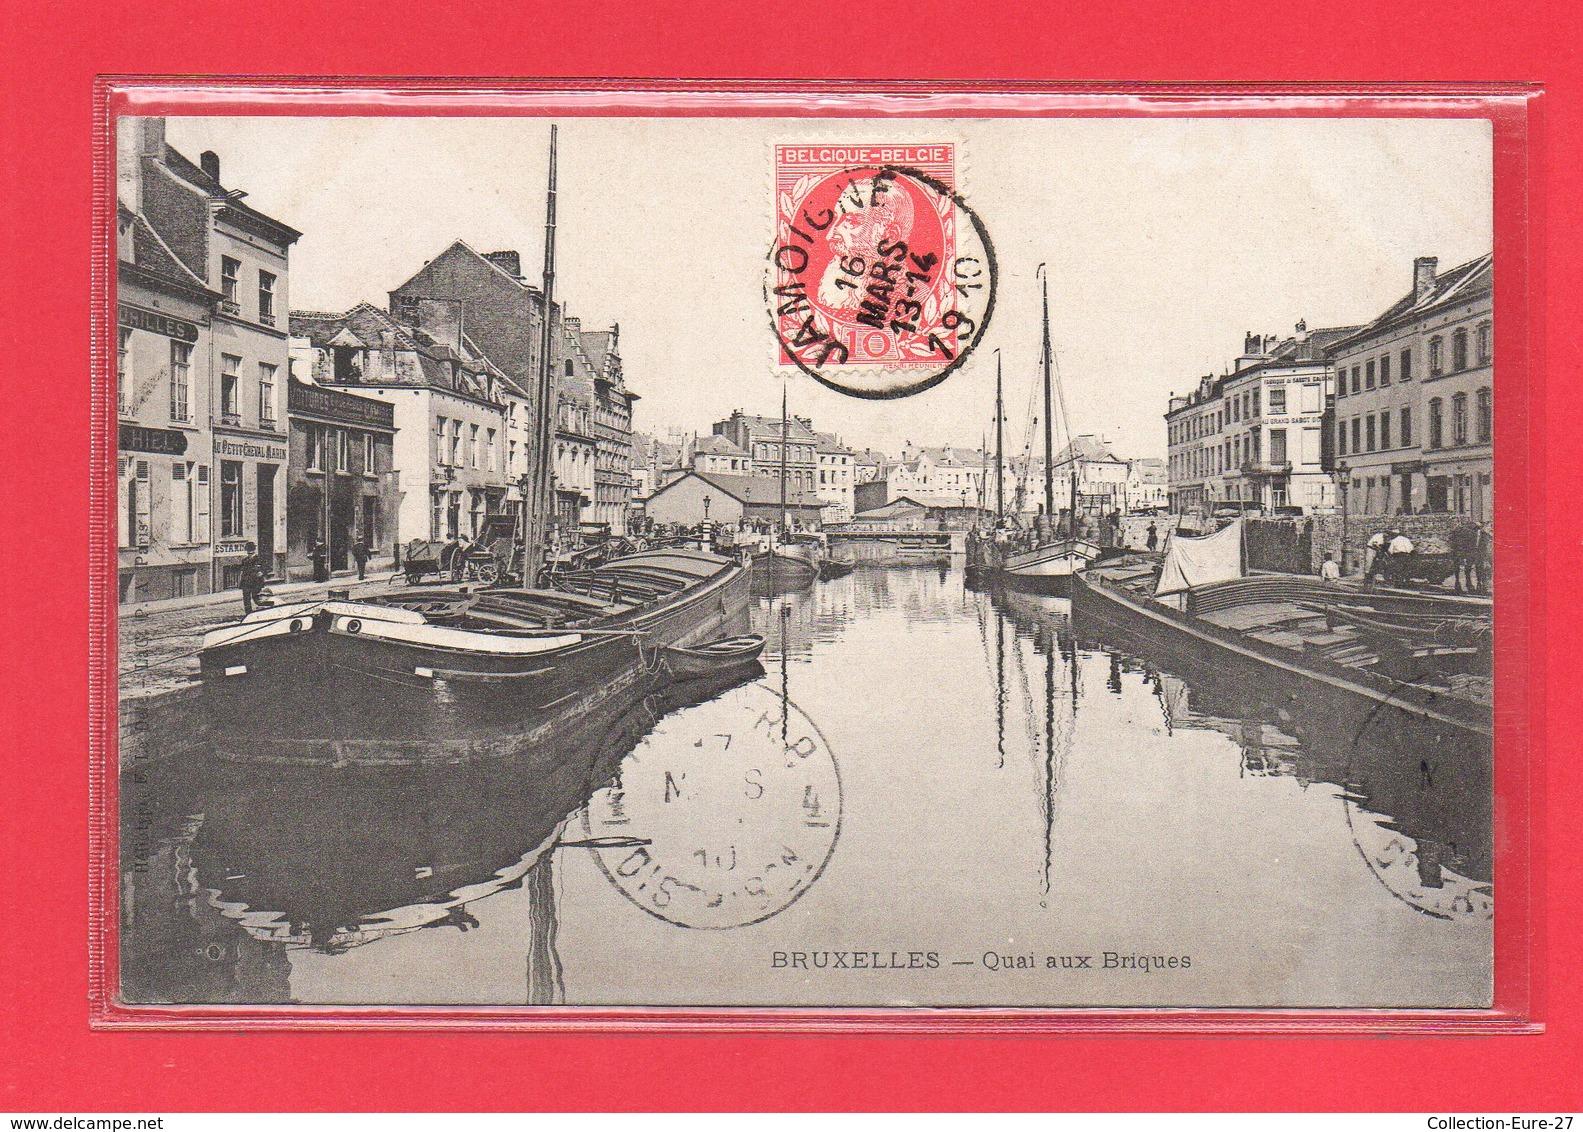 BELGIQUE-CPA BRUXELLES - QUAI AUX BRIQUES - Transport (sea) - Harbour